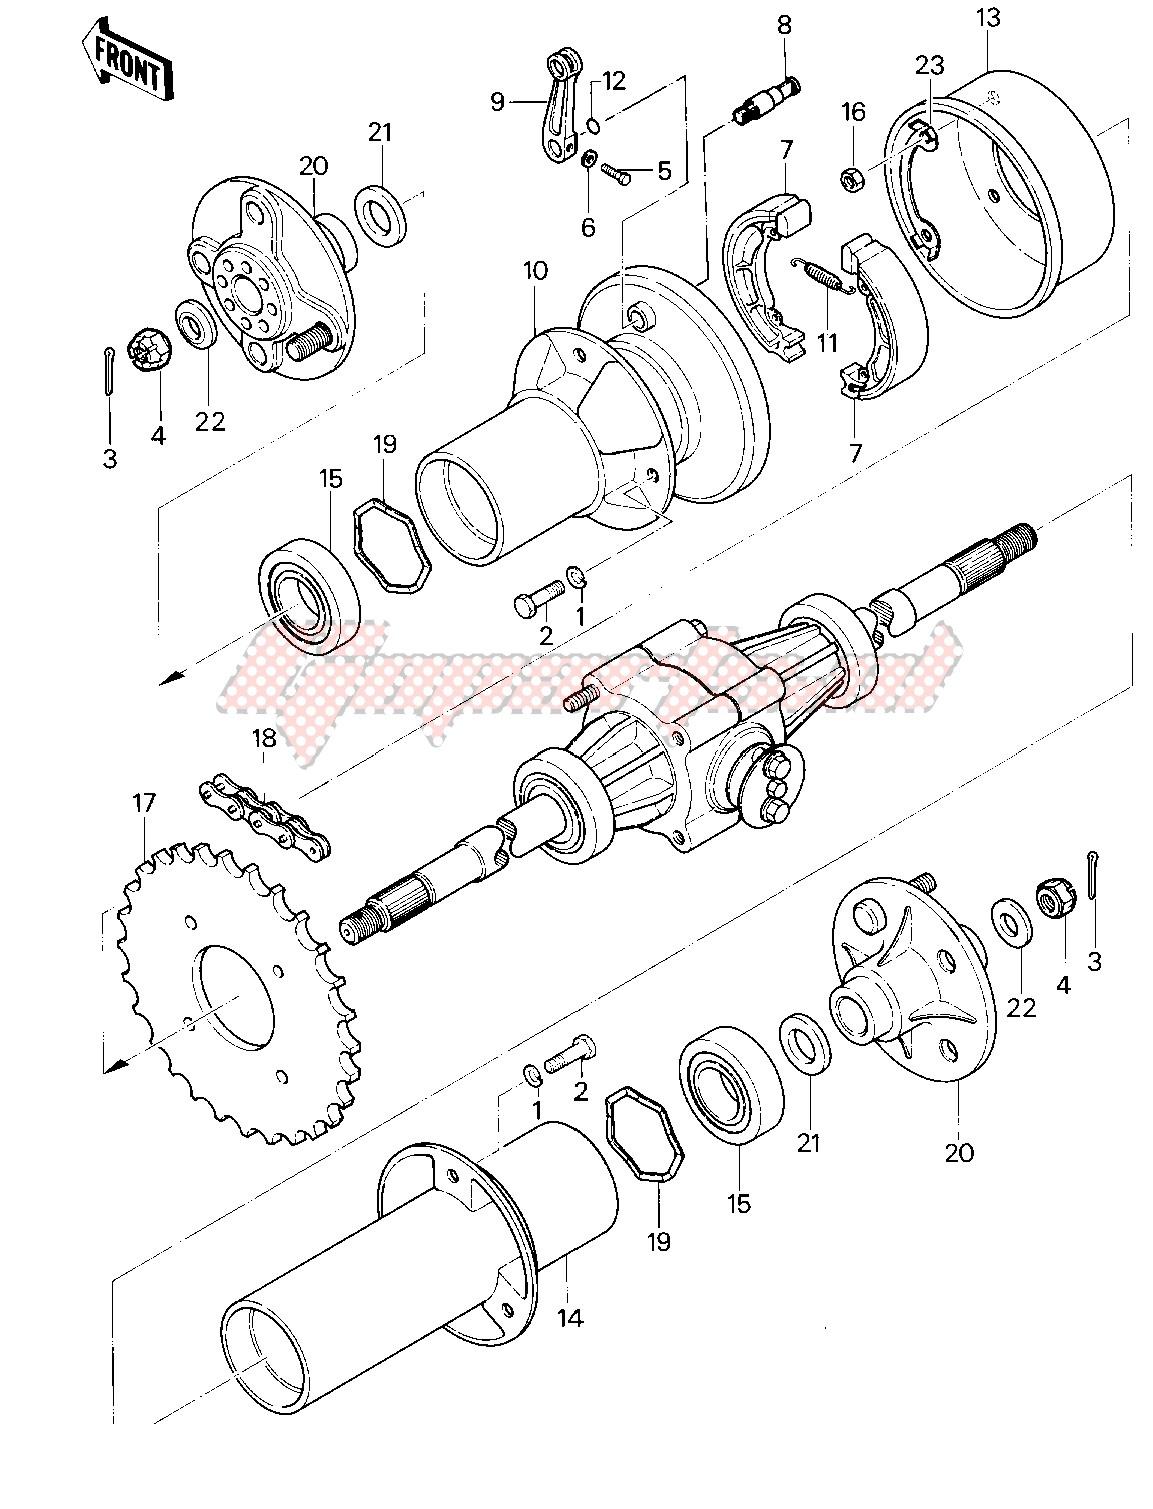 REAR BRAKE_CHAIN -- 83 KLT200-A4_A4A- - image